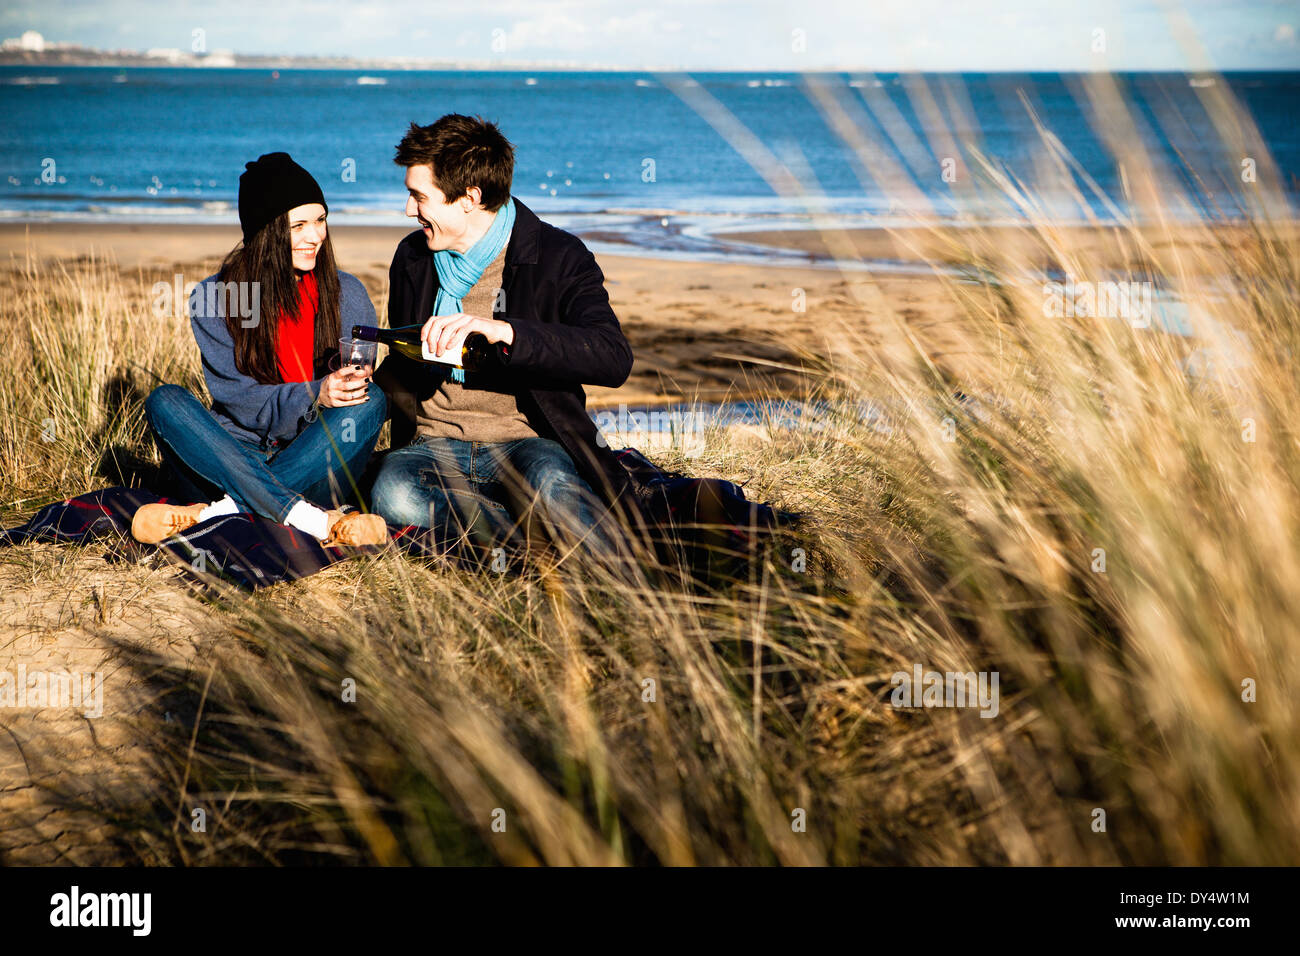 Couple celebrating with white wine on beach, Bournemouth, Dorset, UK - Stock Image